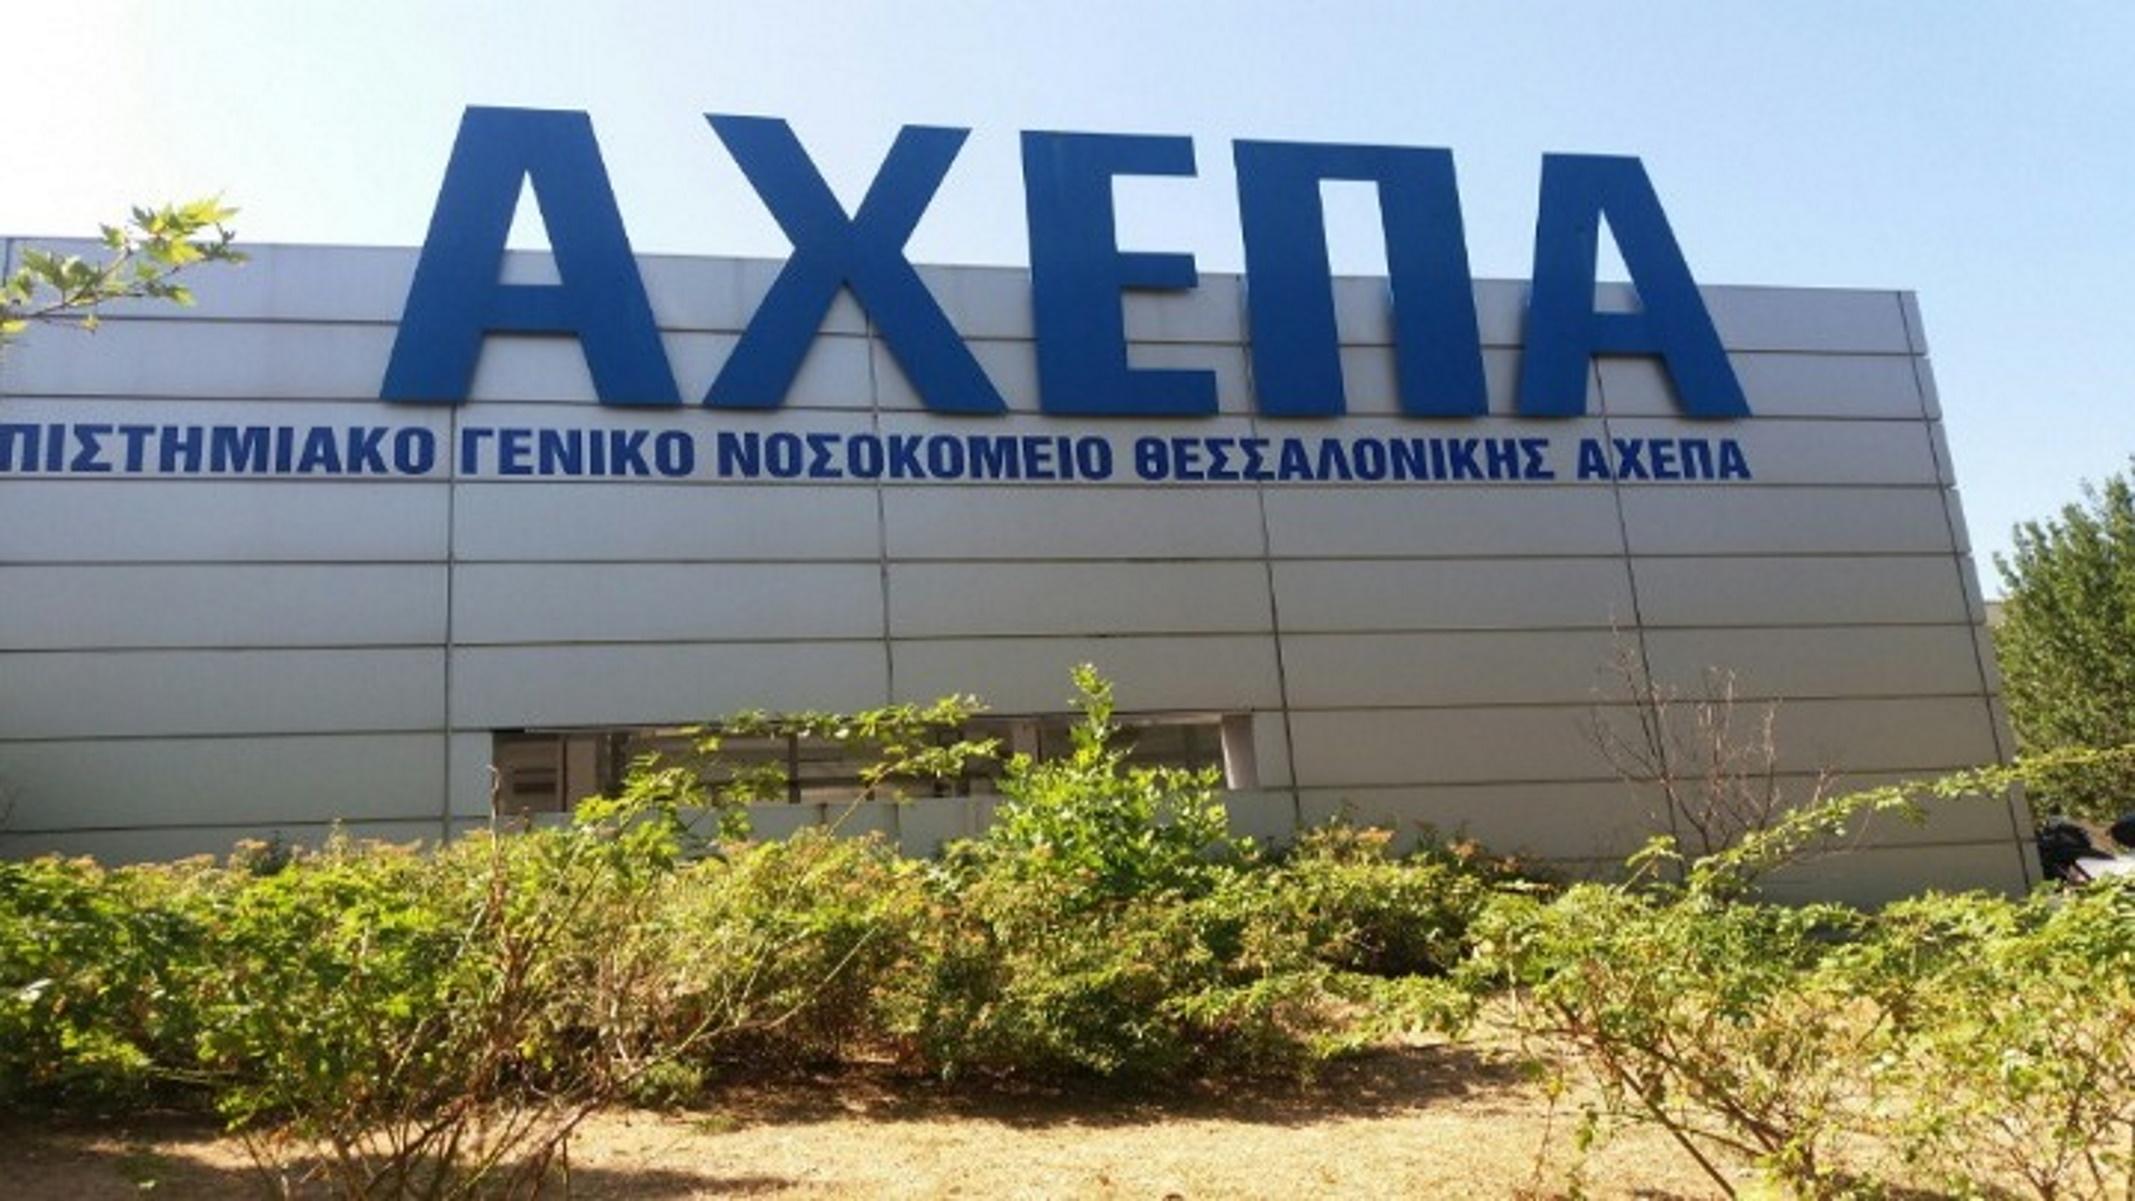 ΑΧΕΠΑ: ΕΔΕ για πλαστό πιστοποιητικό εμβολιασμού που έδειξε εργαζόμενος για να μην βγει σε αναστολή